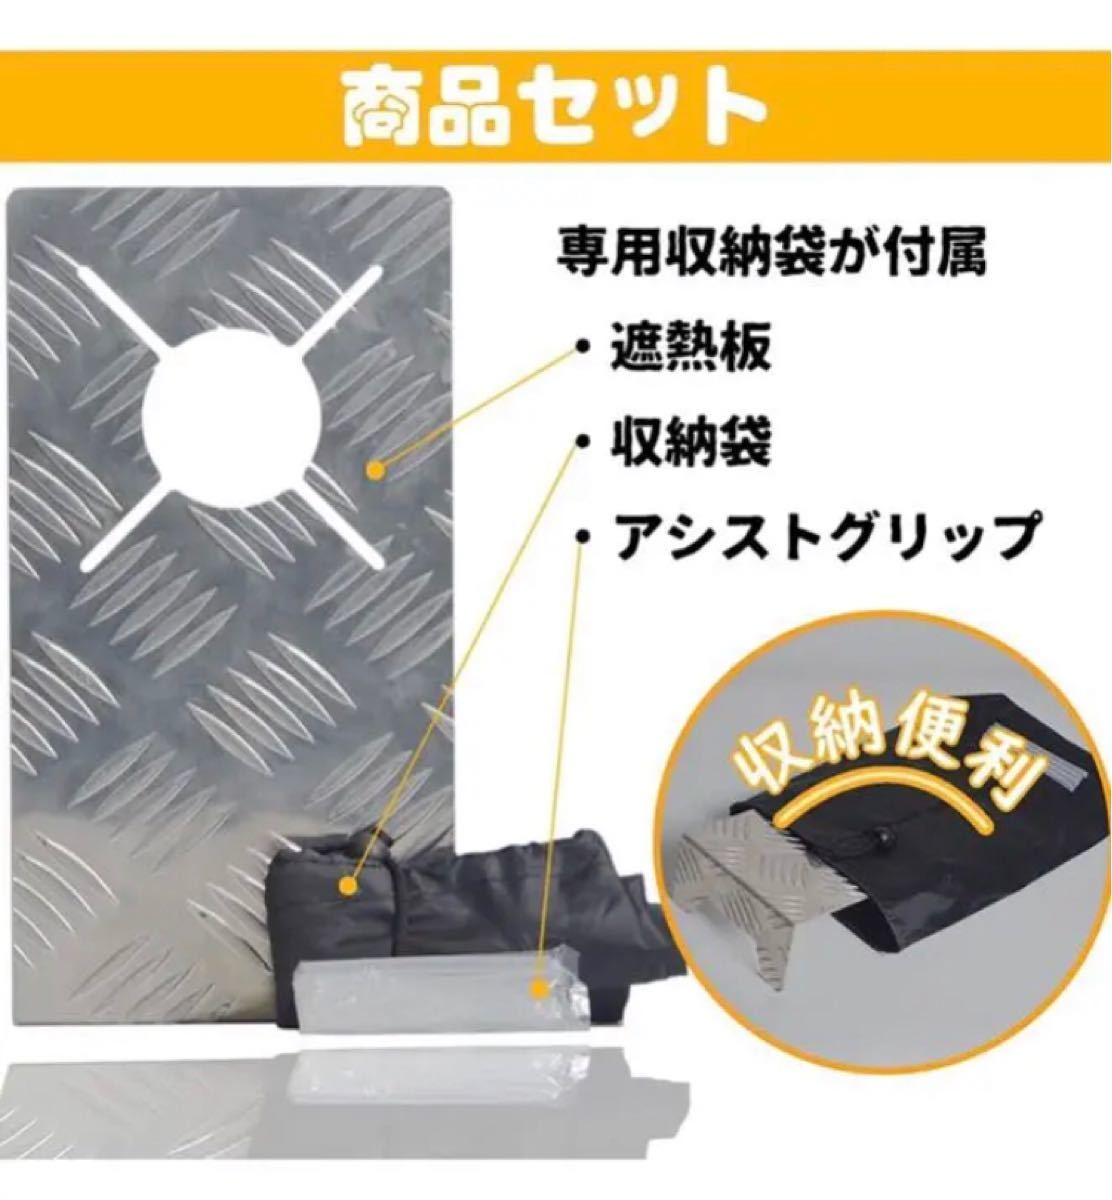 遮熱板テーブル SOTO ST-310専用 アルミ 折りたたみ 耐熱 収納袋付 フルカバー 縞板 オシャレ